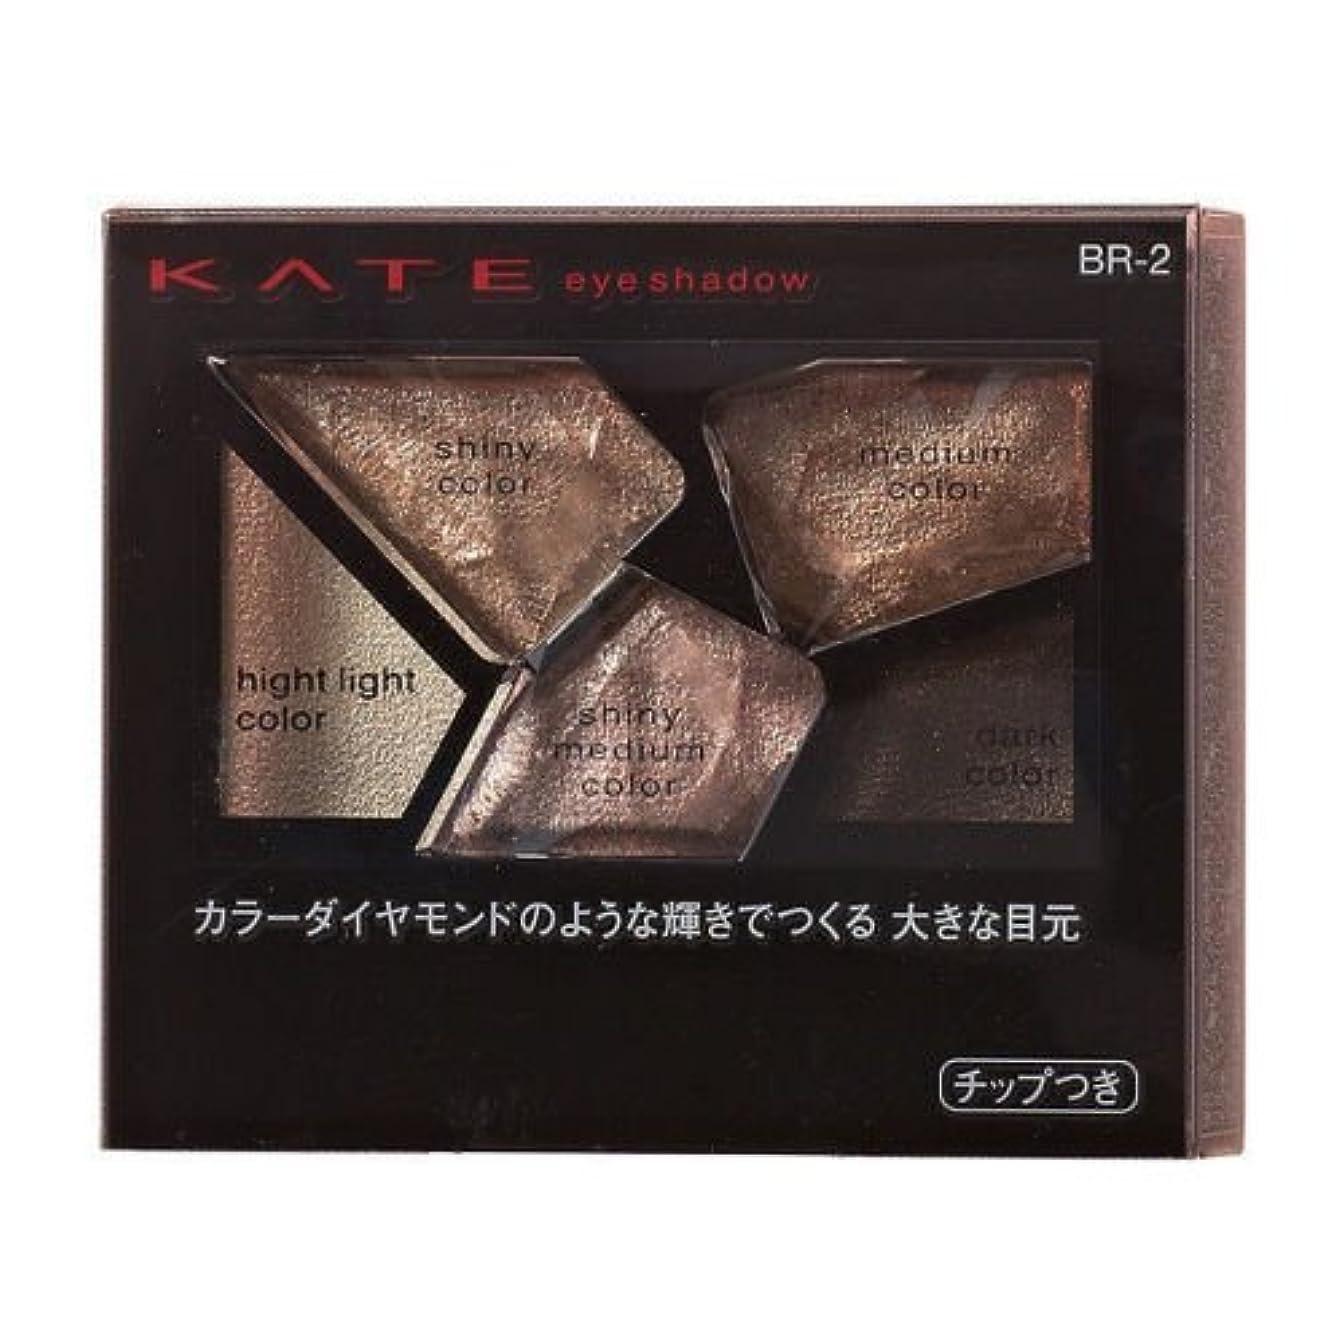 コモランマパキスタン人手段【カネボウ】ケイト カラーシャスダイヤモンド #BR-2 2.8g